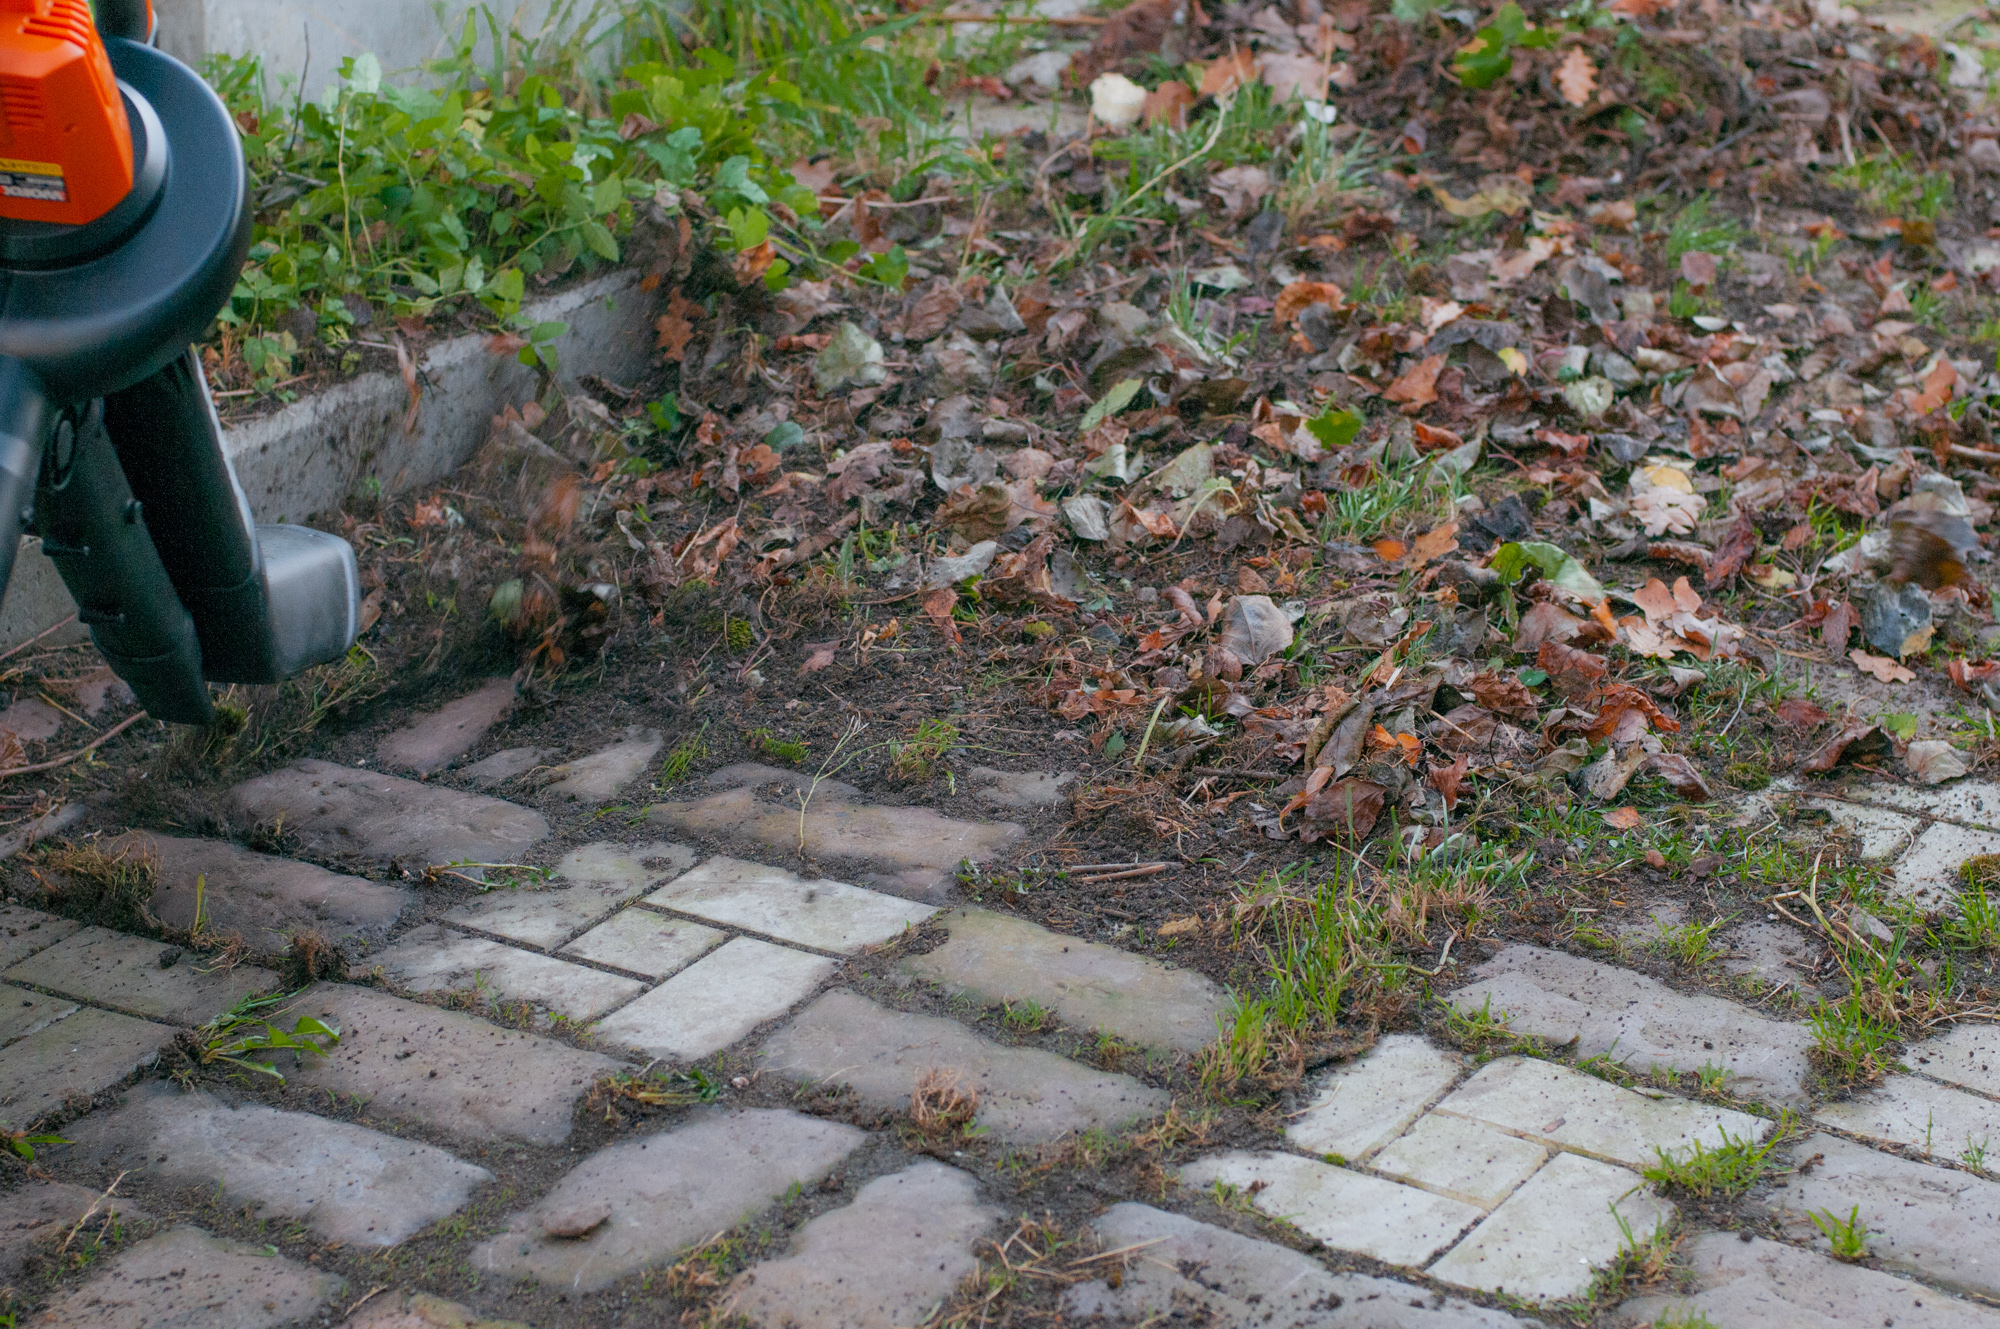 Многофункциональное устройство Worx WG505E: воздуходувка, пылесос и мульчер для листьев и другого садового мусора